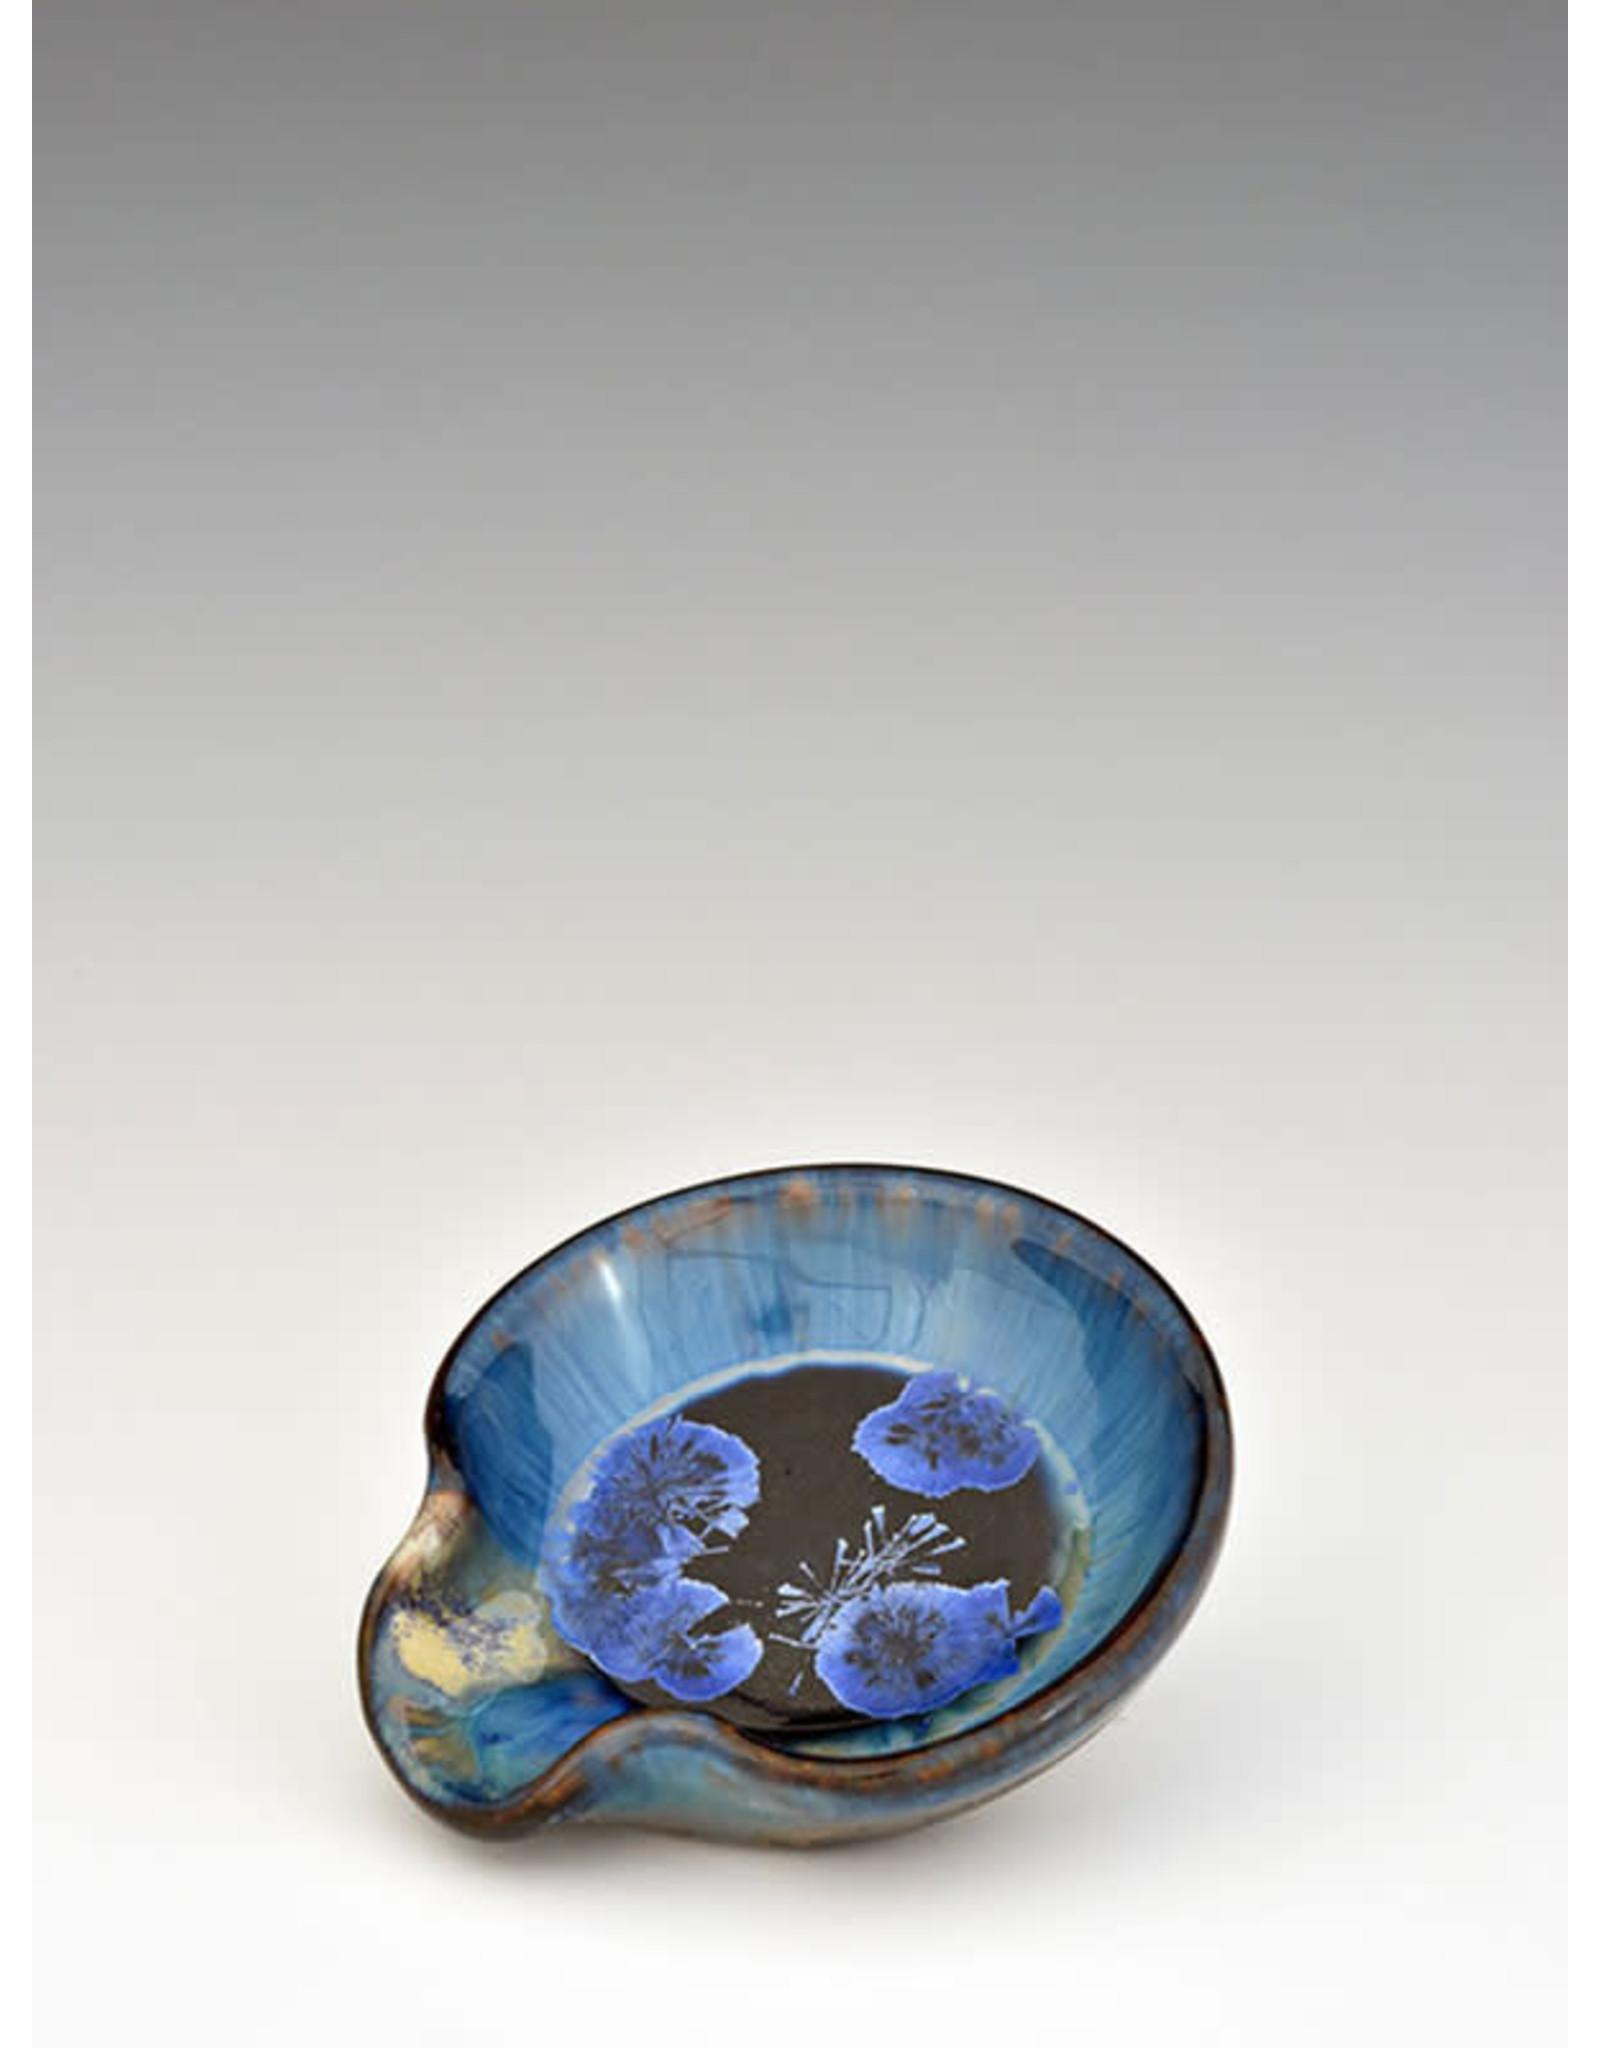 Stellar Art Pottery Stellar Art Pottery Spoon Rest Asst Glaze